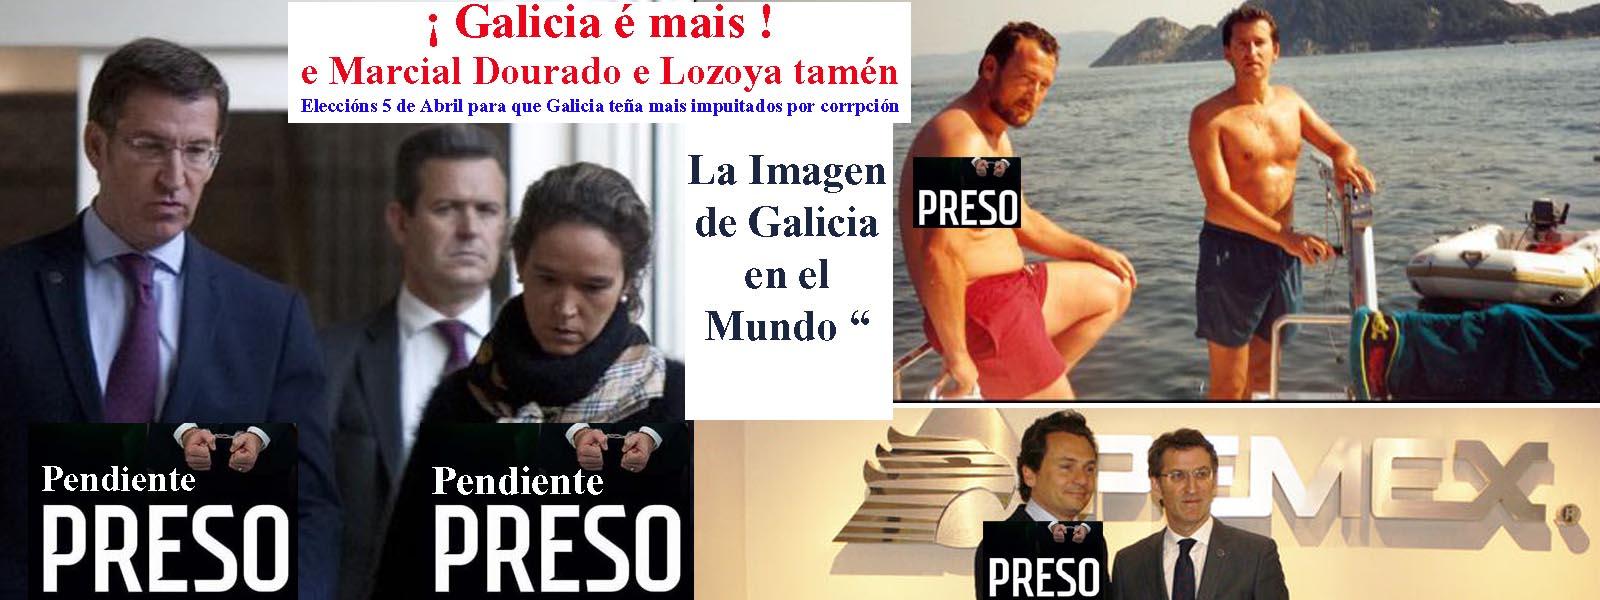 La Junta Electoral de Galicia vuelve a CONDENAR A MARÍA DEL MAR ...